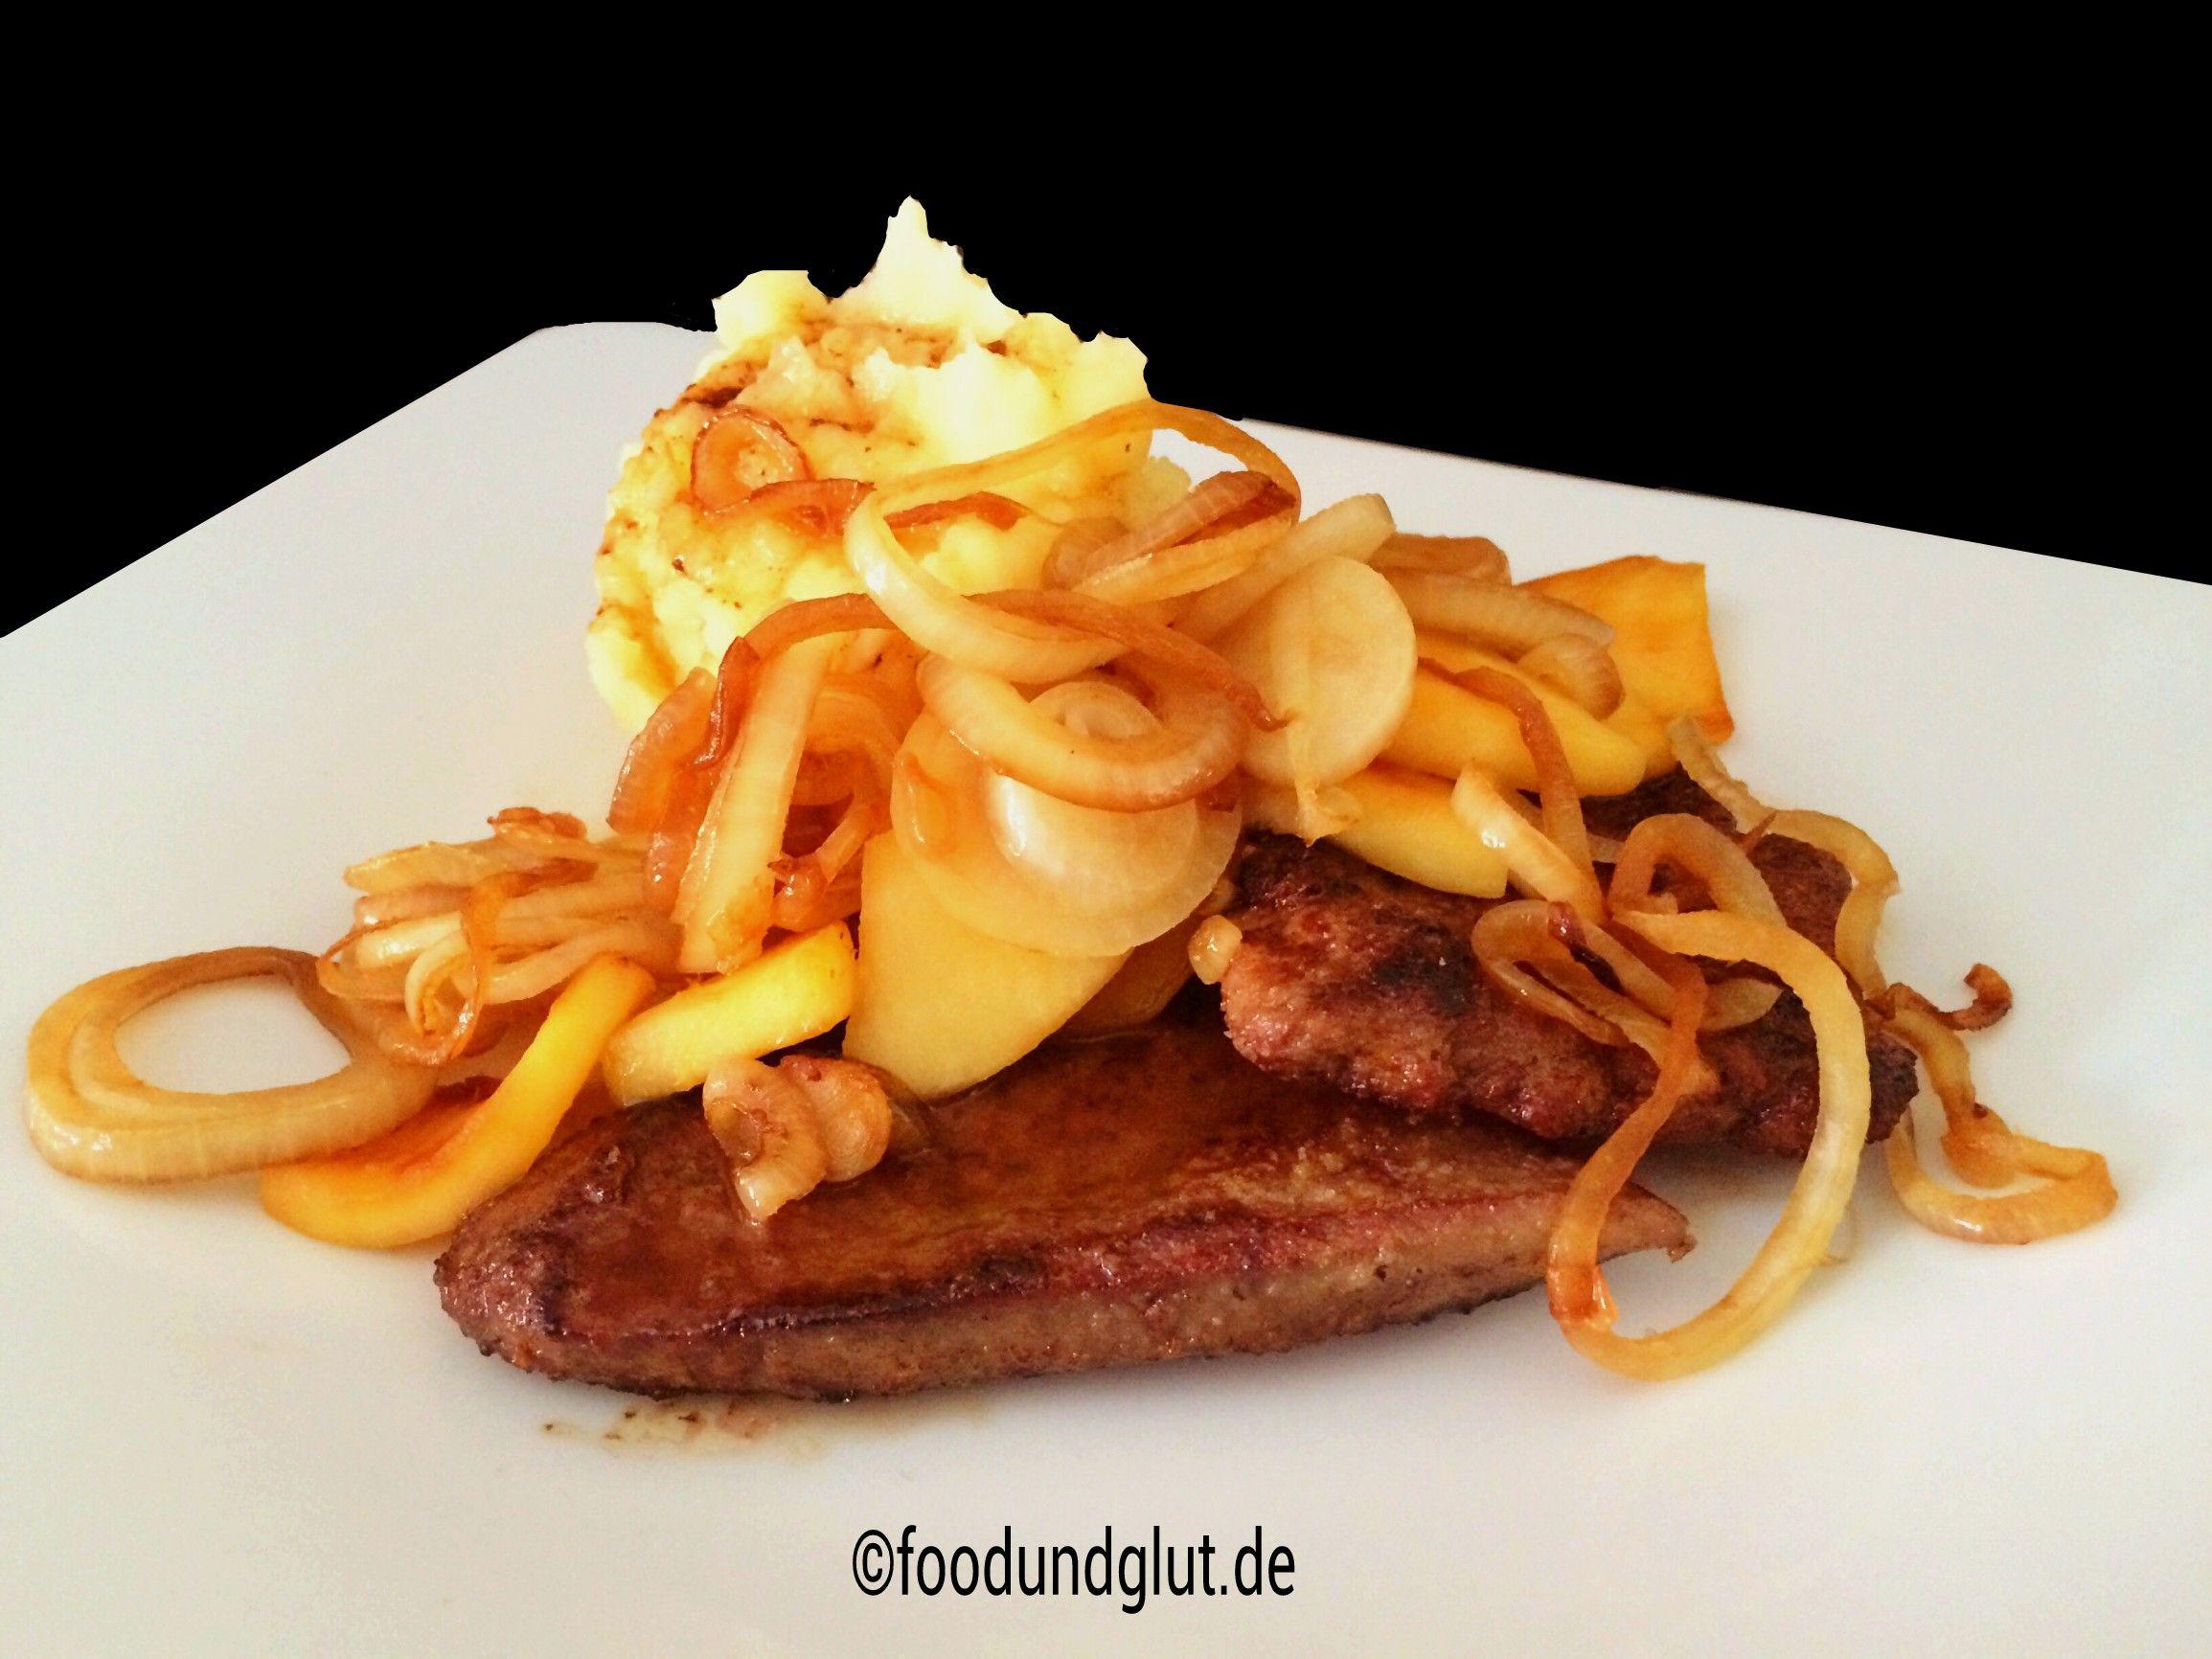 Gebratene Kalbsleber mit Zwiebeln, Äpfeln und Kartoffelpüree ein typisches Berliner Gasthaus Gericht